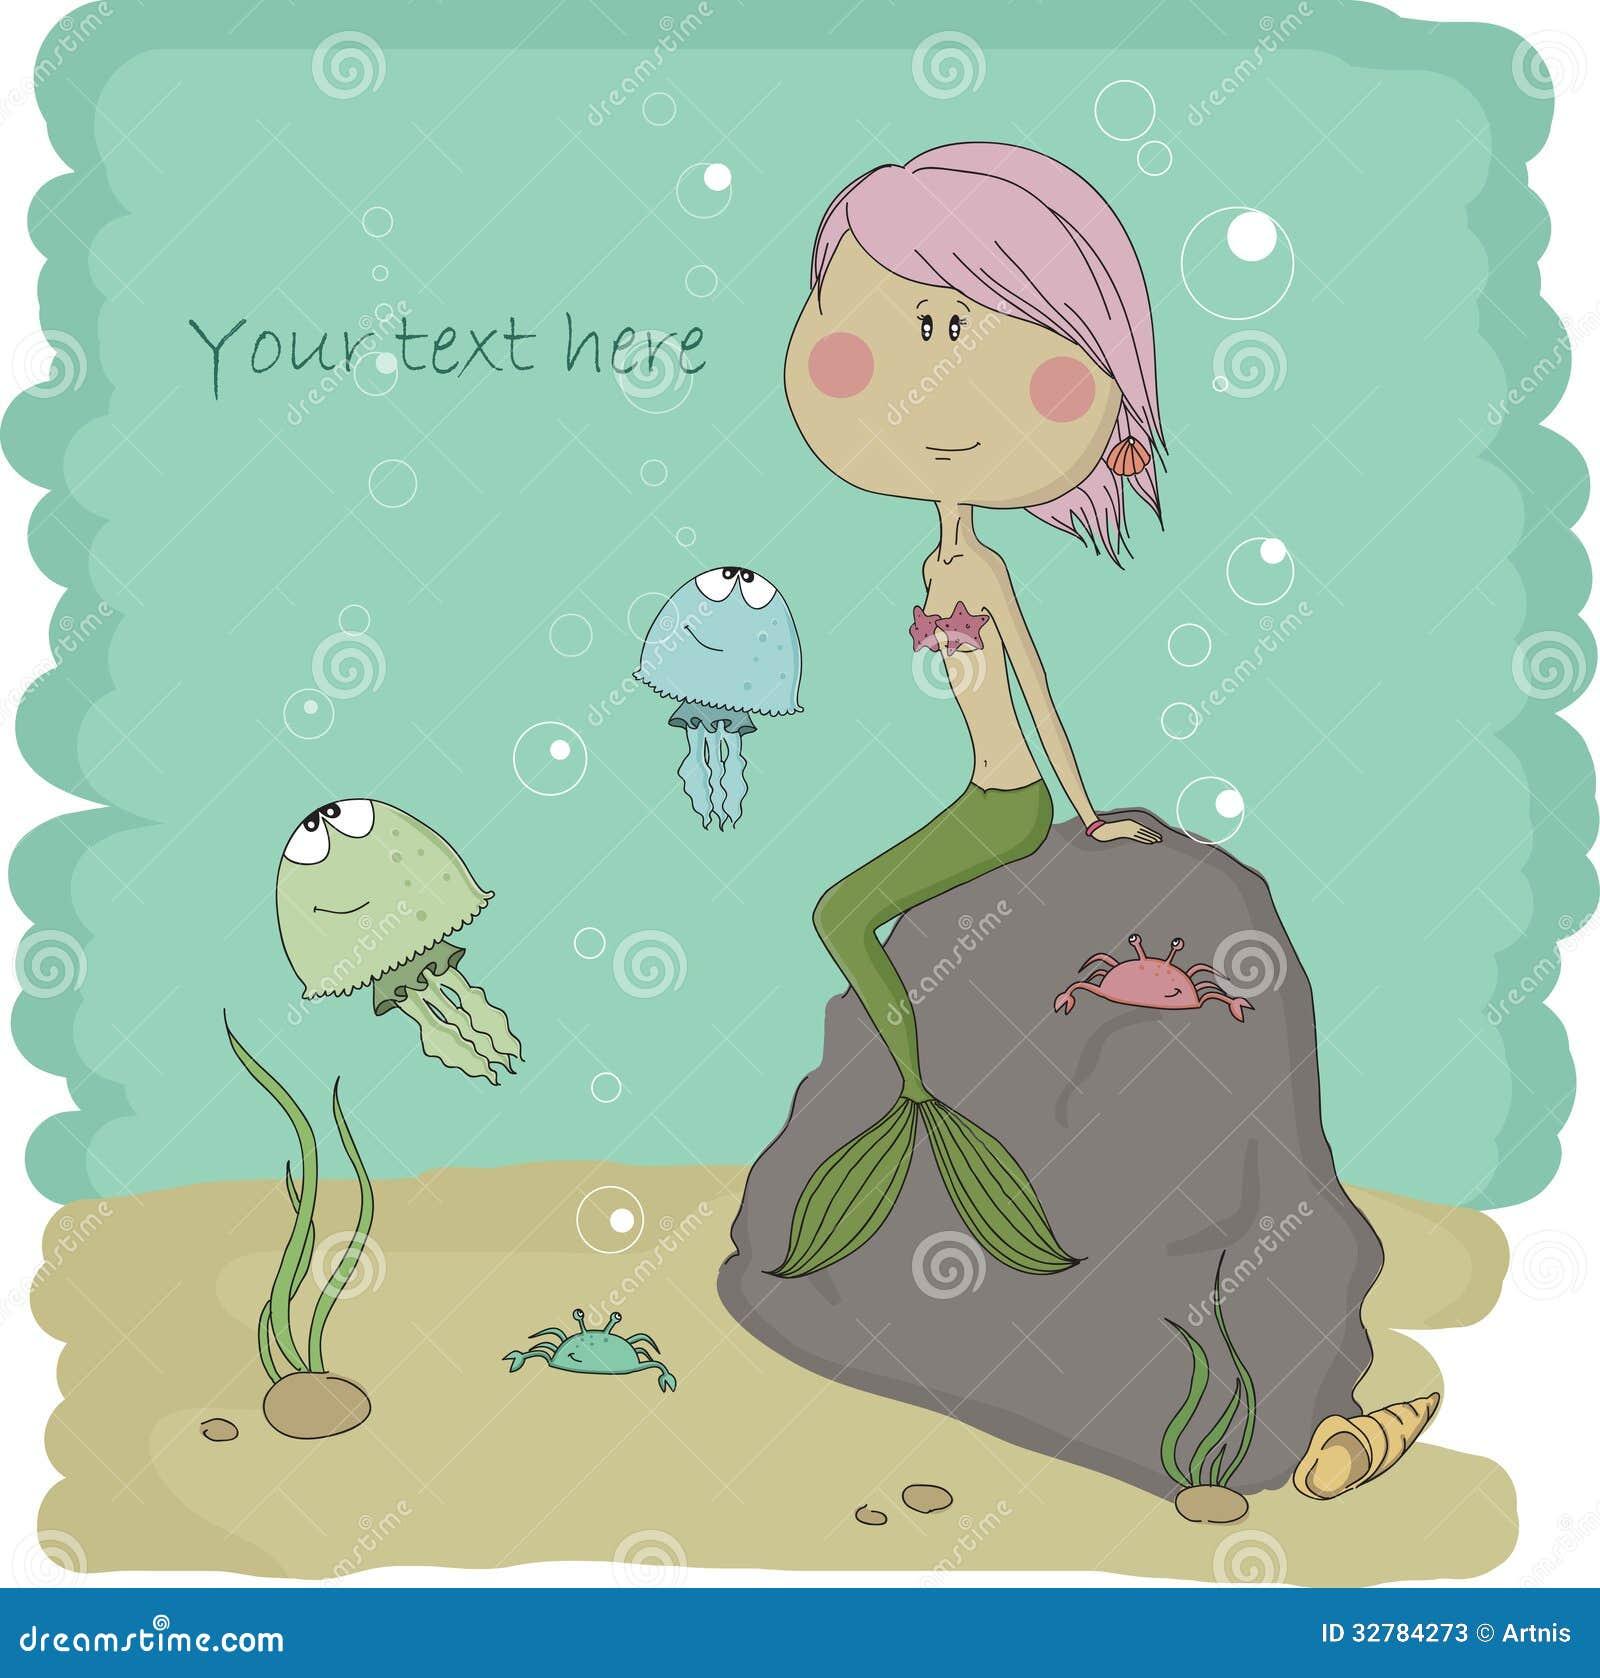 Waterkoninkrijk. Illustratie van de kleine meermin.